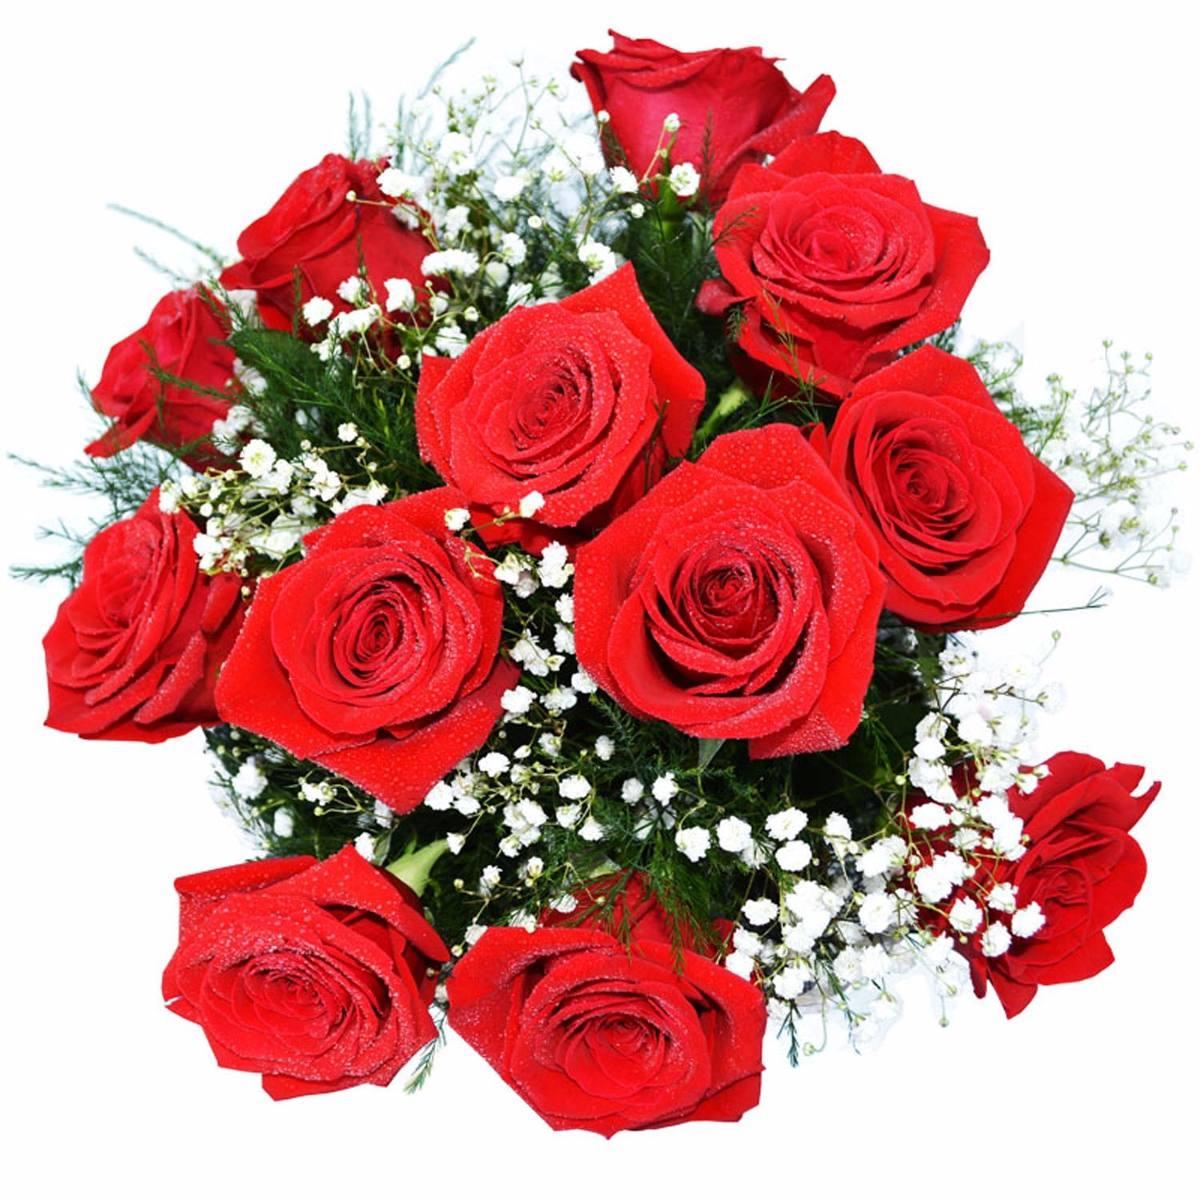 10 Sementes Rosa Vermelha Chinesas Exóticas R 789 Em Mercado Livre